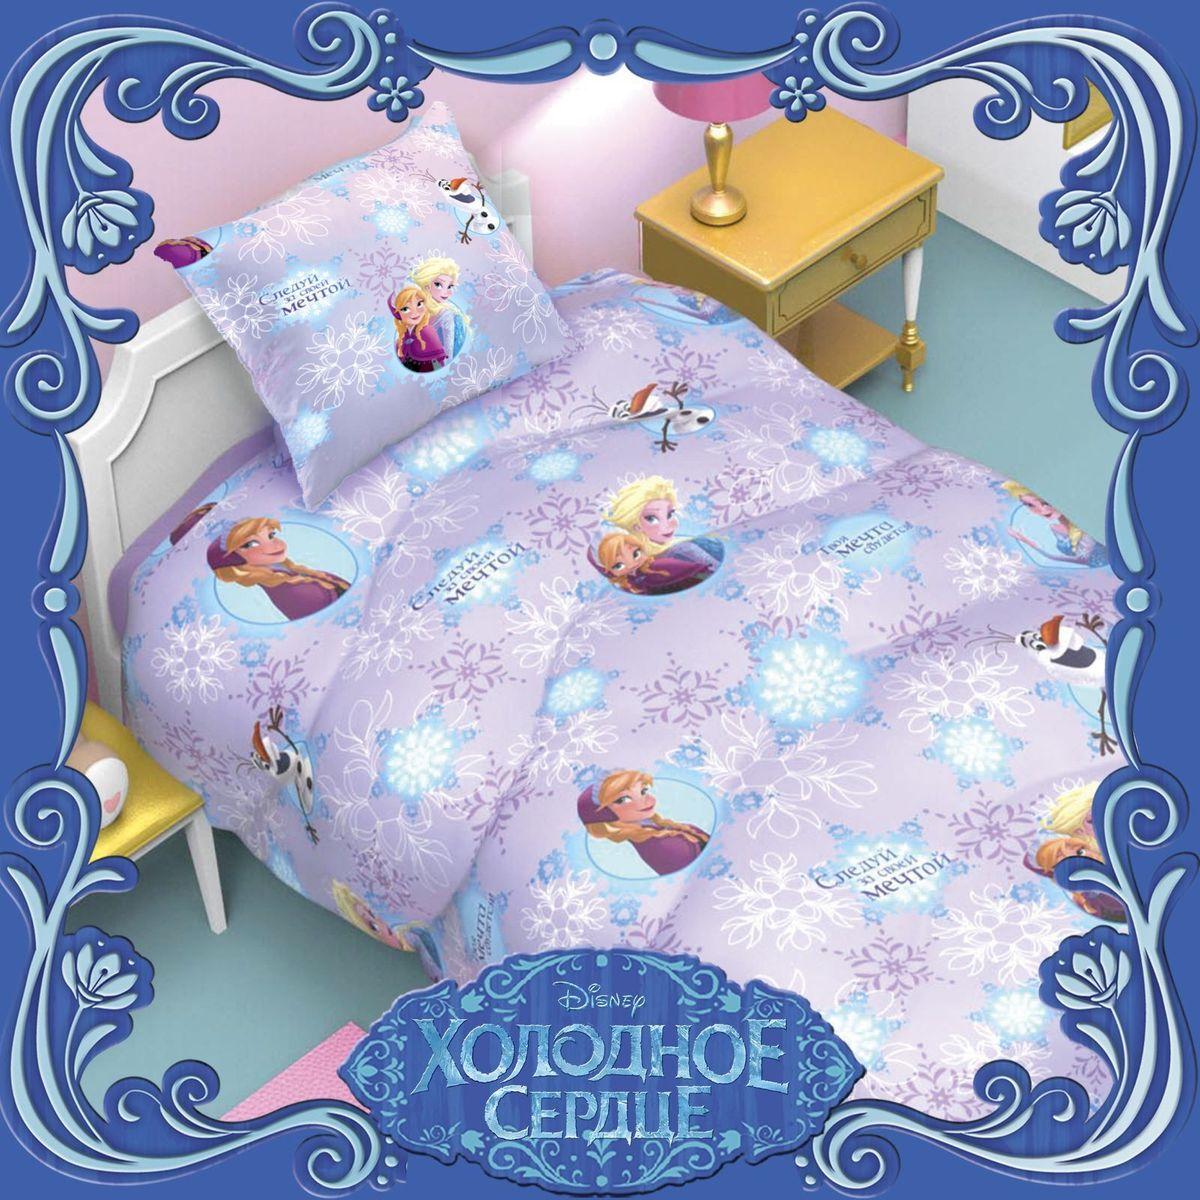 Disney Подушка Холодное сердце 50 х 70 11531641153164Сказочные сны с любимыми героями Disney. Маленький любитель мультфильмов Disney будет в восторге от этого яркого одеяла ! Оно подарит крохе захватывающие сны и по-настоящему доброе утро.Почему?Потому что одеяло изготовлено в России на современном оборудовании, а при нанесении рисунка использовались только качественные европейские красители.Над дизайном работала команда настоящих мастеров своего дела: очаровательные персонажи мультфильмов, детально проработанная картинка, гармоничное сочетание цветов — всё это результат их кропотливой работы.В качестве наполнителя для изделия используется файбер — практичный, безопасный и мягкий материал. Именно поэтому одеяло:поддерживает комфортную температуру тела во время сна; не способствует появлению аллергии и раздражения; позволяет коже дышать и впитывает влагу; хорошо переносит многочисленные стирки, сохраняя первоначальную форму и внешний вид; Чехол выполнен из поплина — прочной, невероятно приятной на ощупь хлопковой ткани, которая хорошо поддаётся окрашиванию и также позволяет коже дышать.Состав:Чехол: хлопок 100 %, поплин 125 г/м?.Наполнитель: файбер 200 г/м?.Рекомендации по уходу за изделием: стирайте при температуре не выше 40 °C без использования отбеливателей. Сушите в горизонтальном положении.